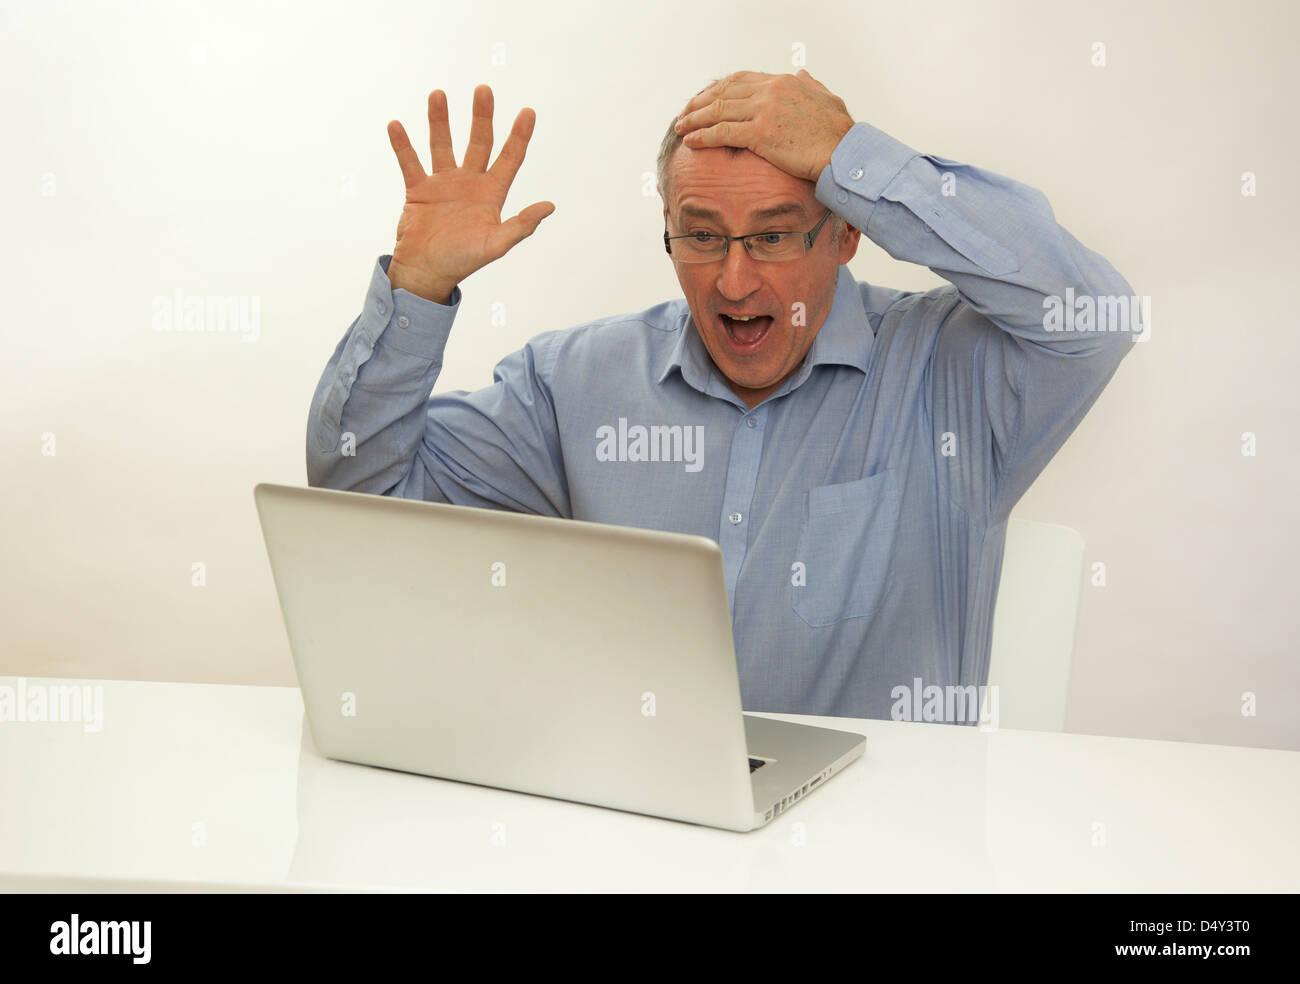 Overjoyed man mano sulla testa guardando uno schermo portatile, felice che ha vinto un premio. Immagini Stock